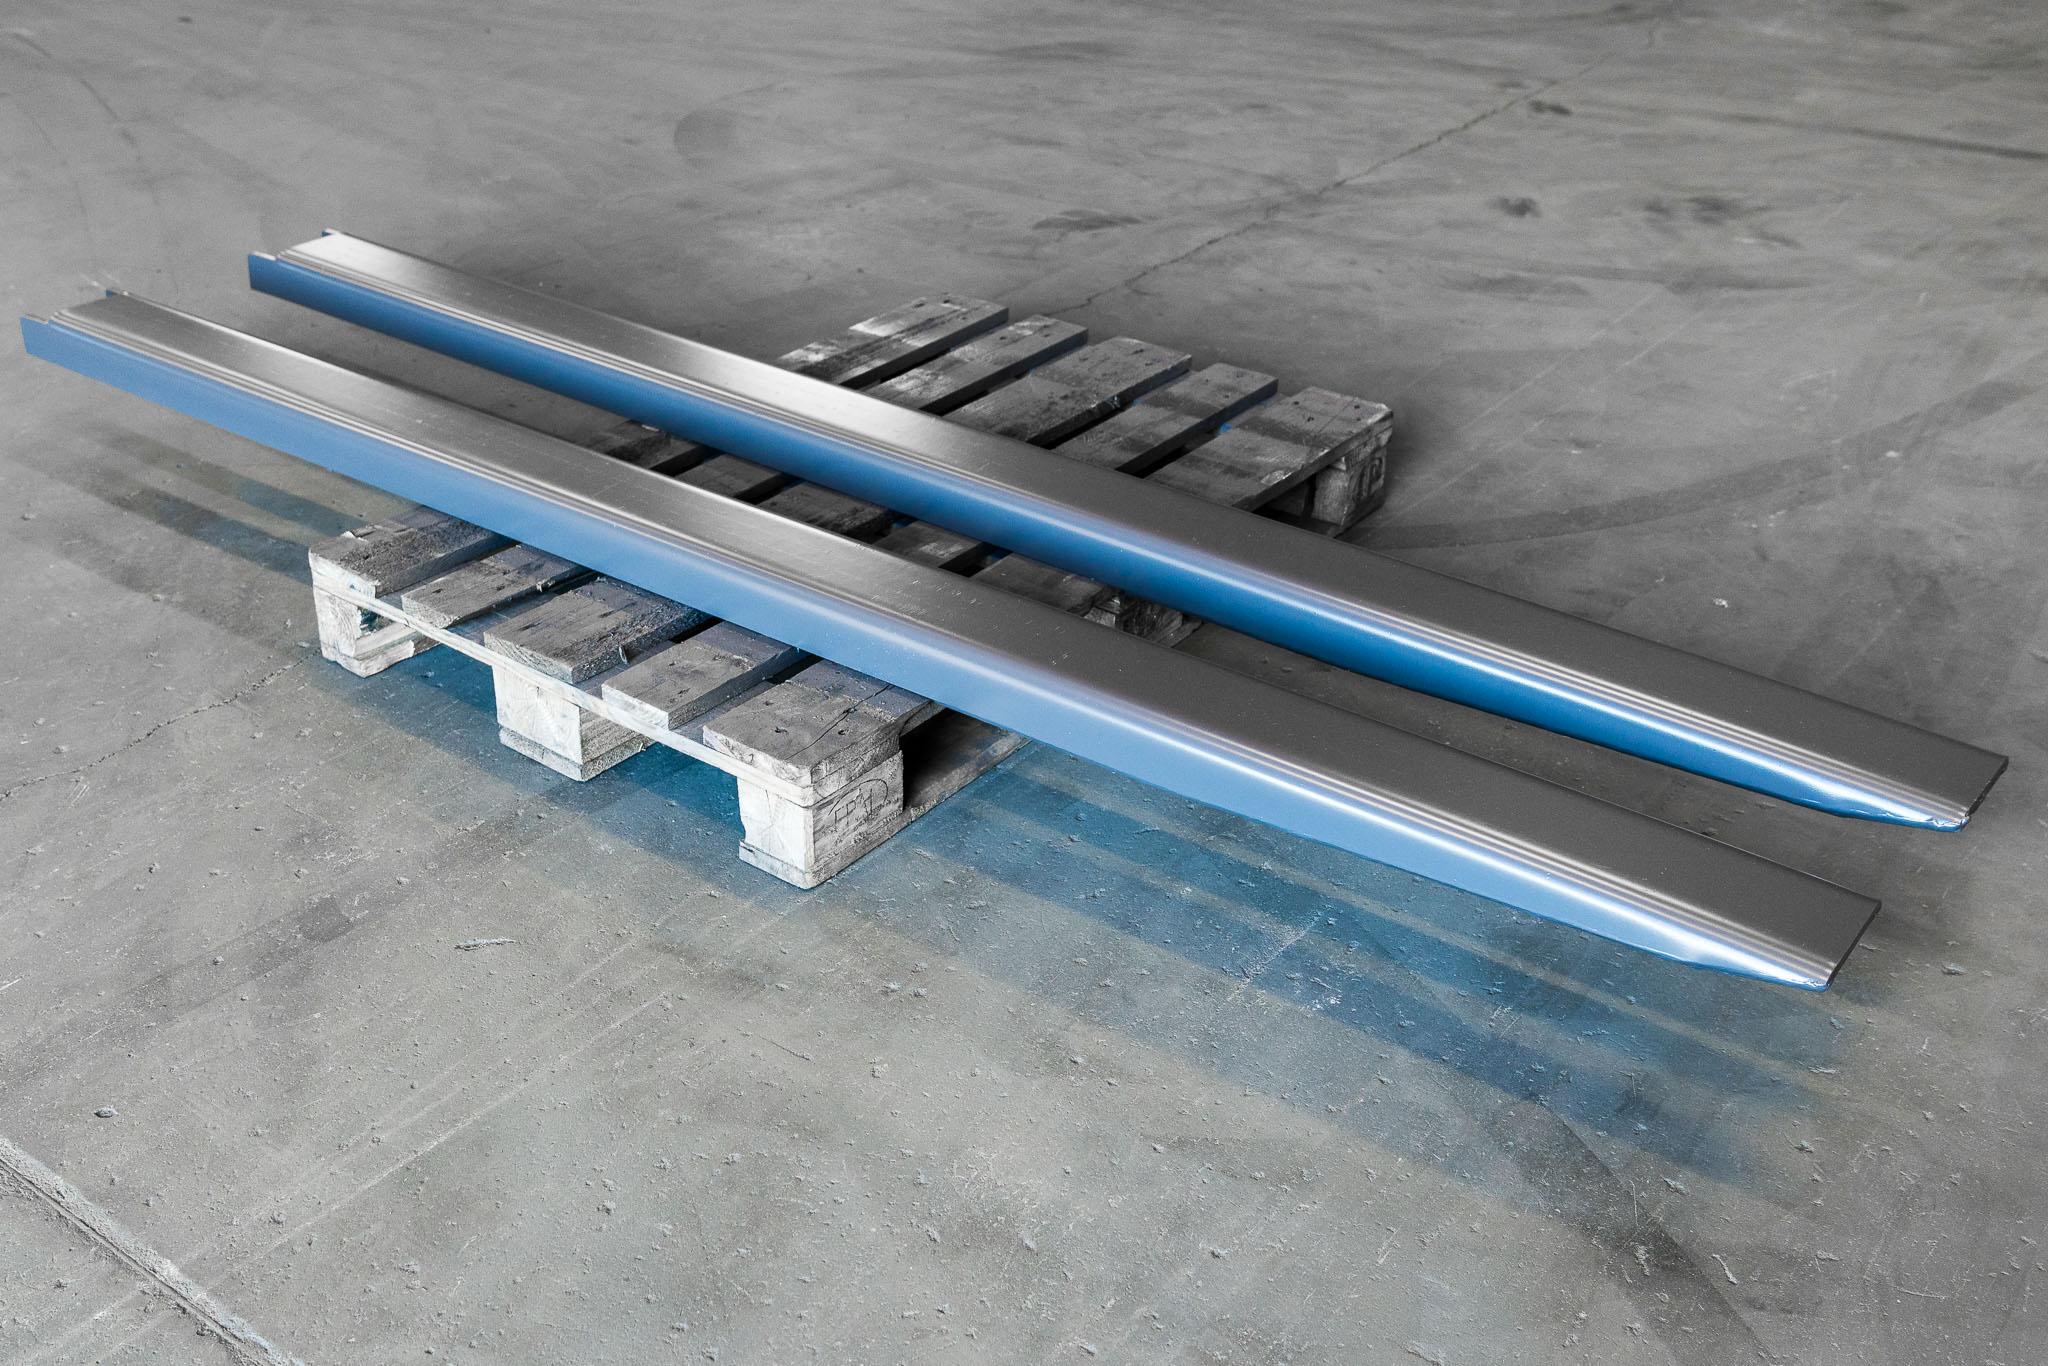 Mekosvets - Entreprenadmaskiner - Grävmaskin - Hjullastare - Lastmaskin - Förlängningsgafflar